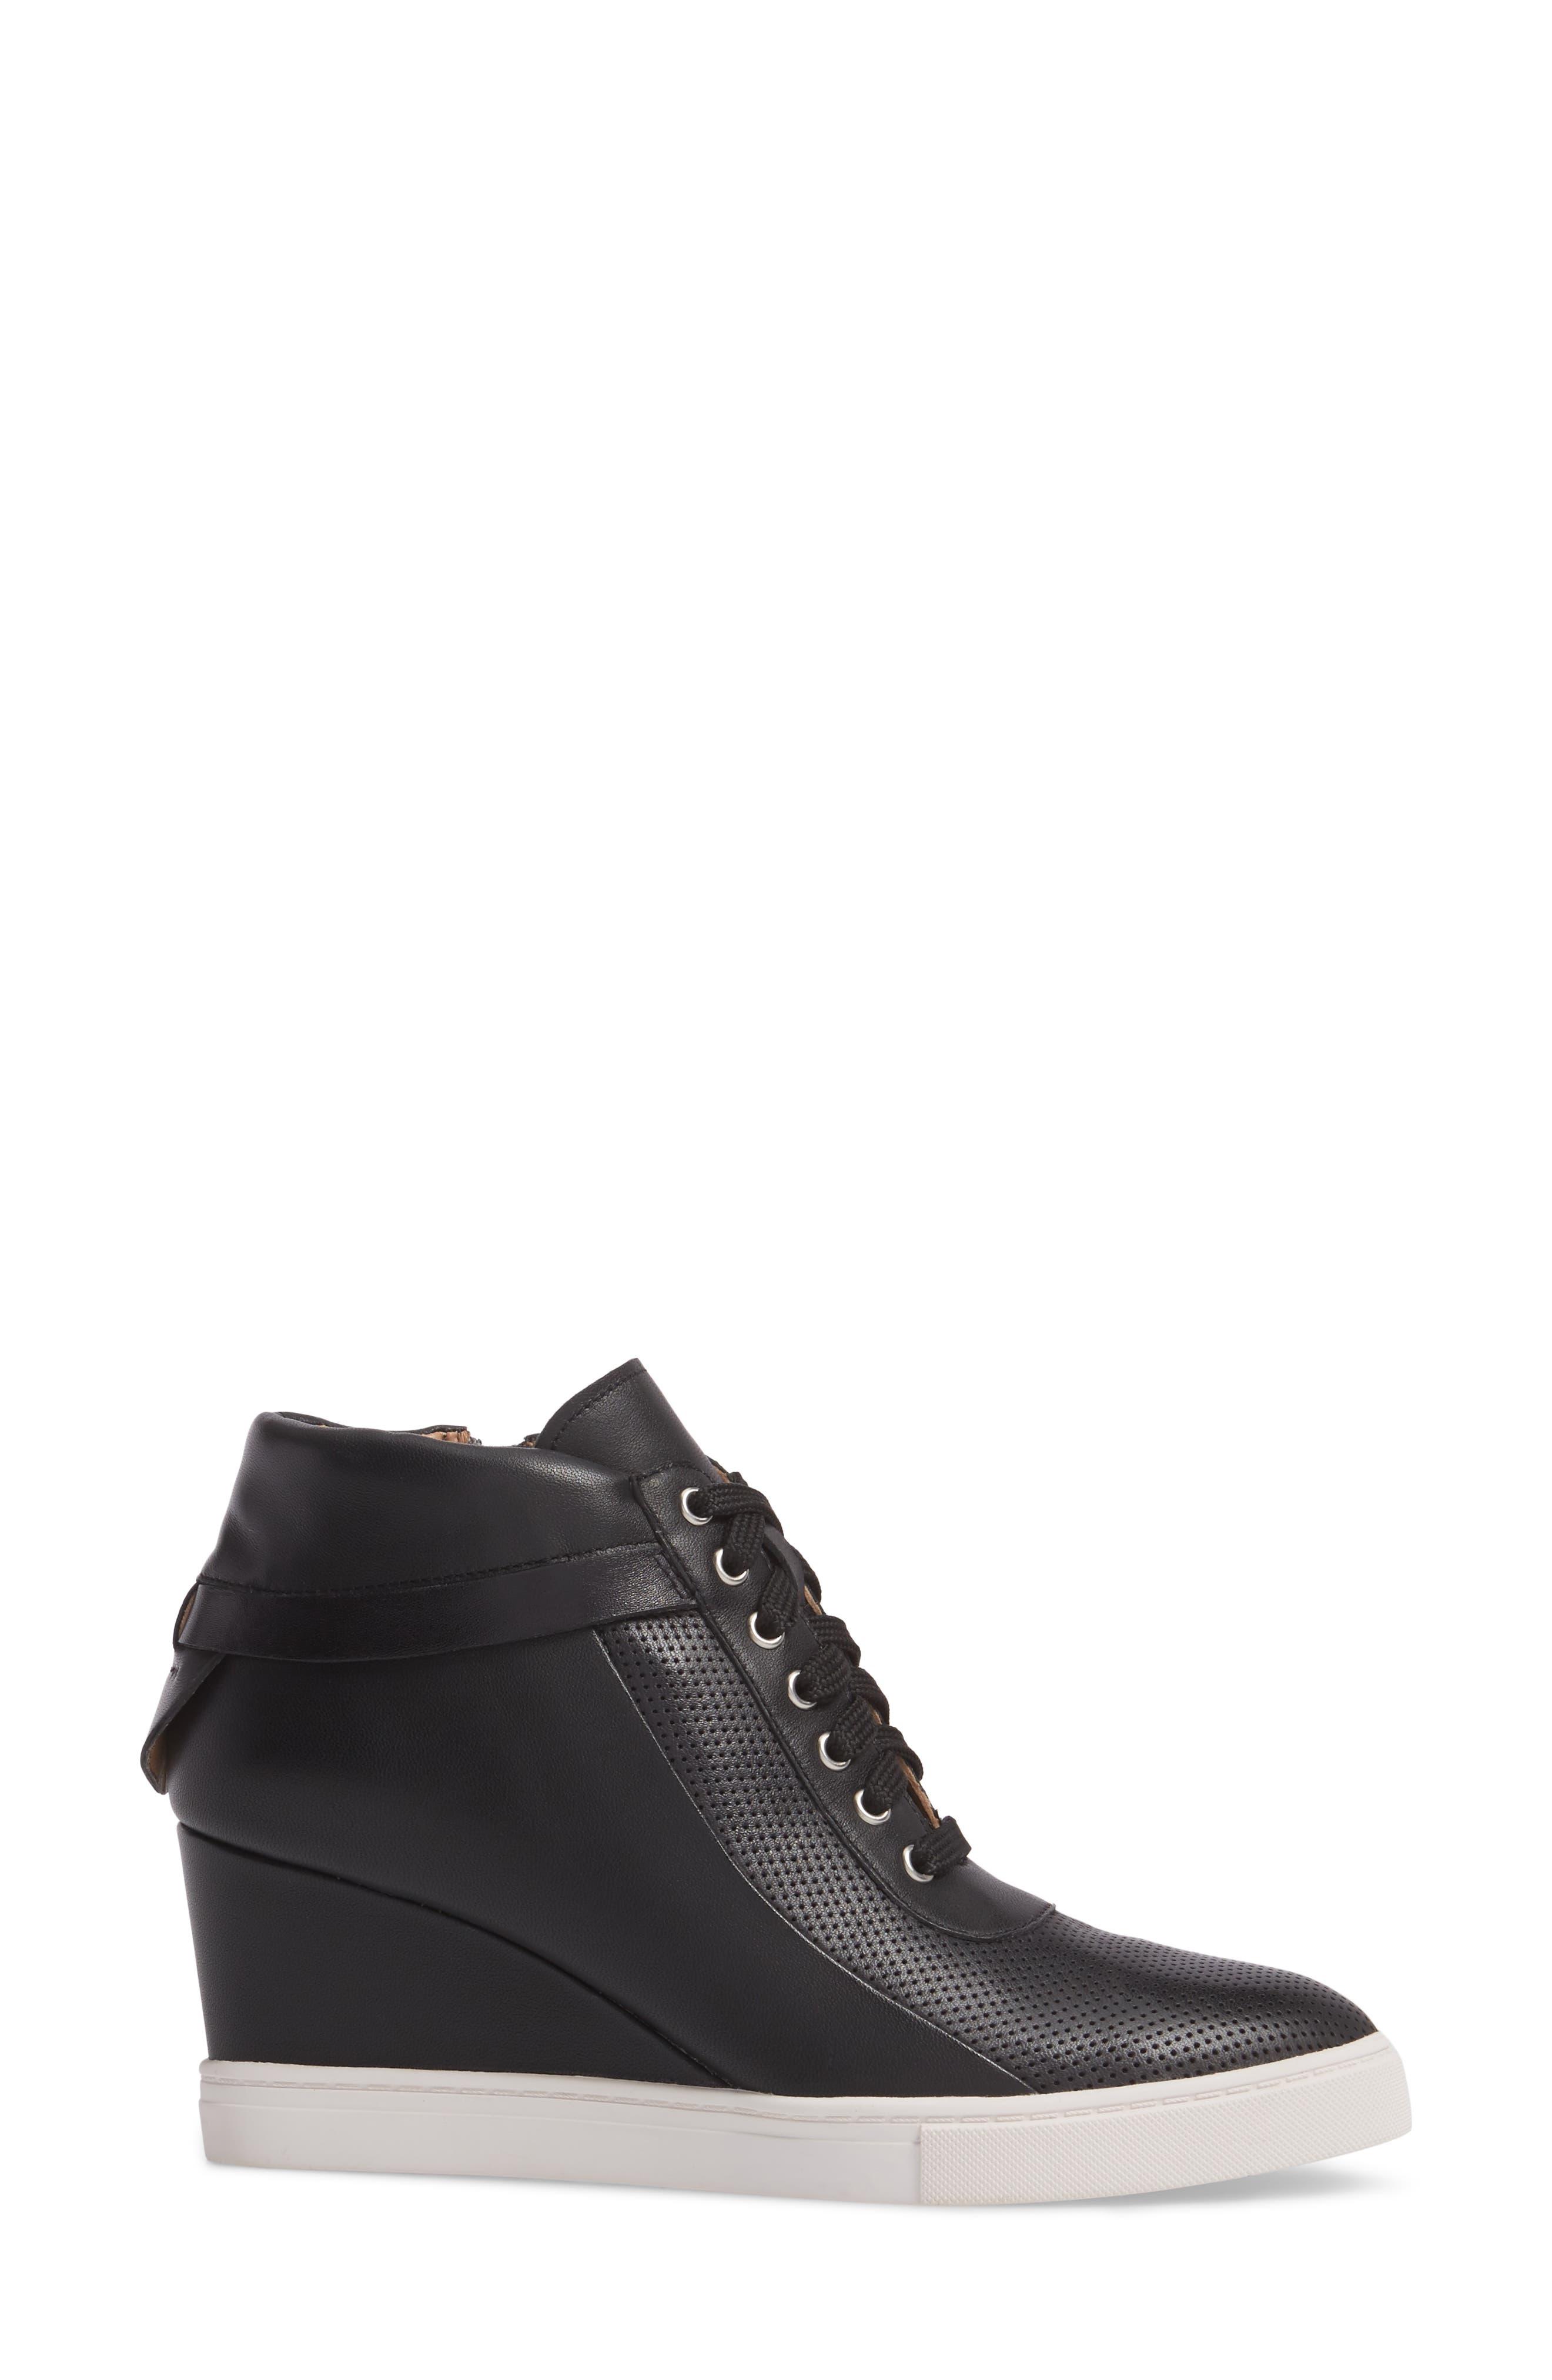 Freja Wedge Sneaker,                             Alternate thumbnail 3, color,                             BLACK LEATHER